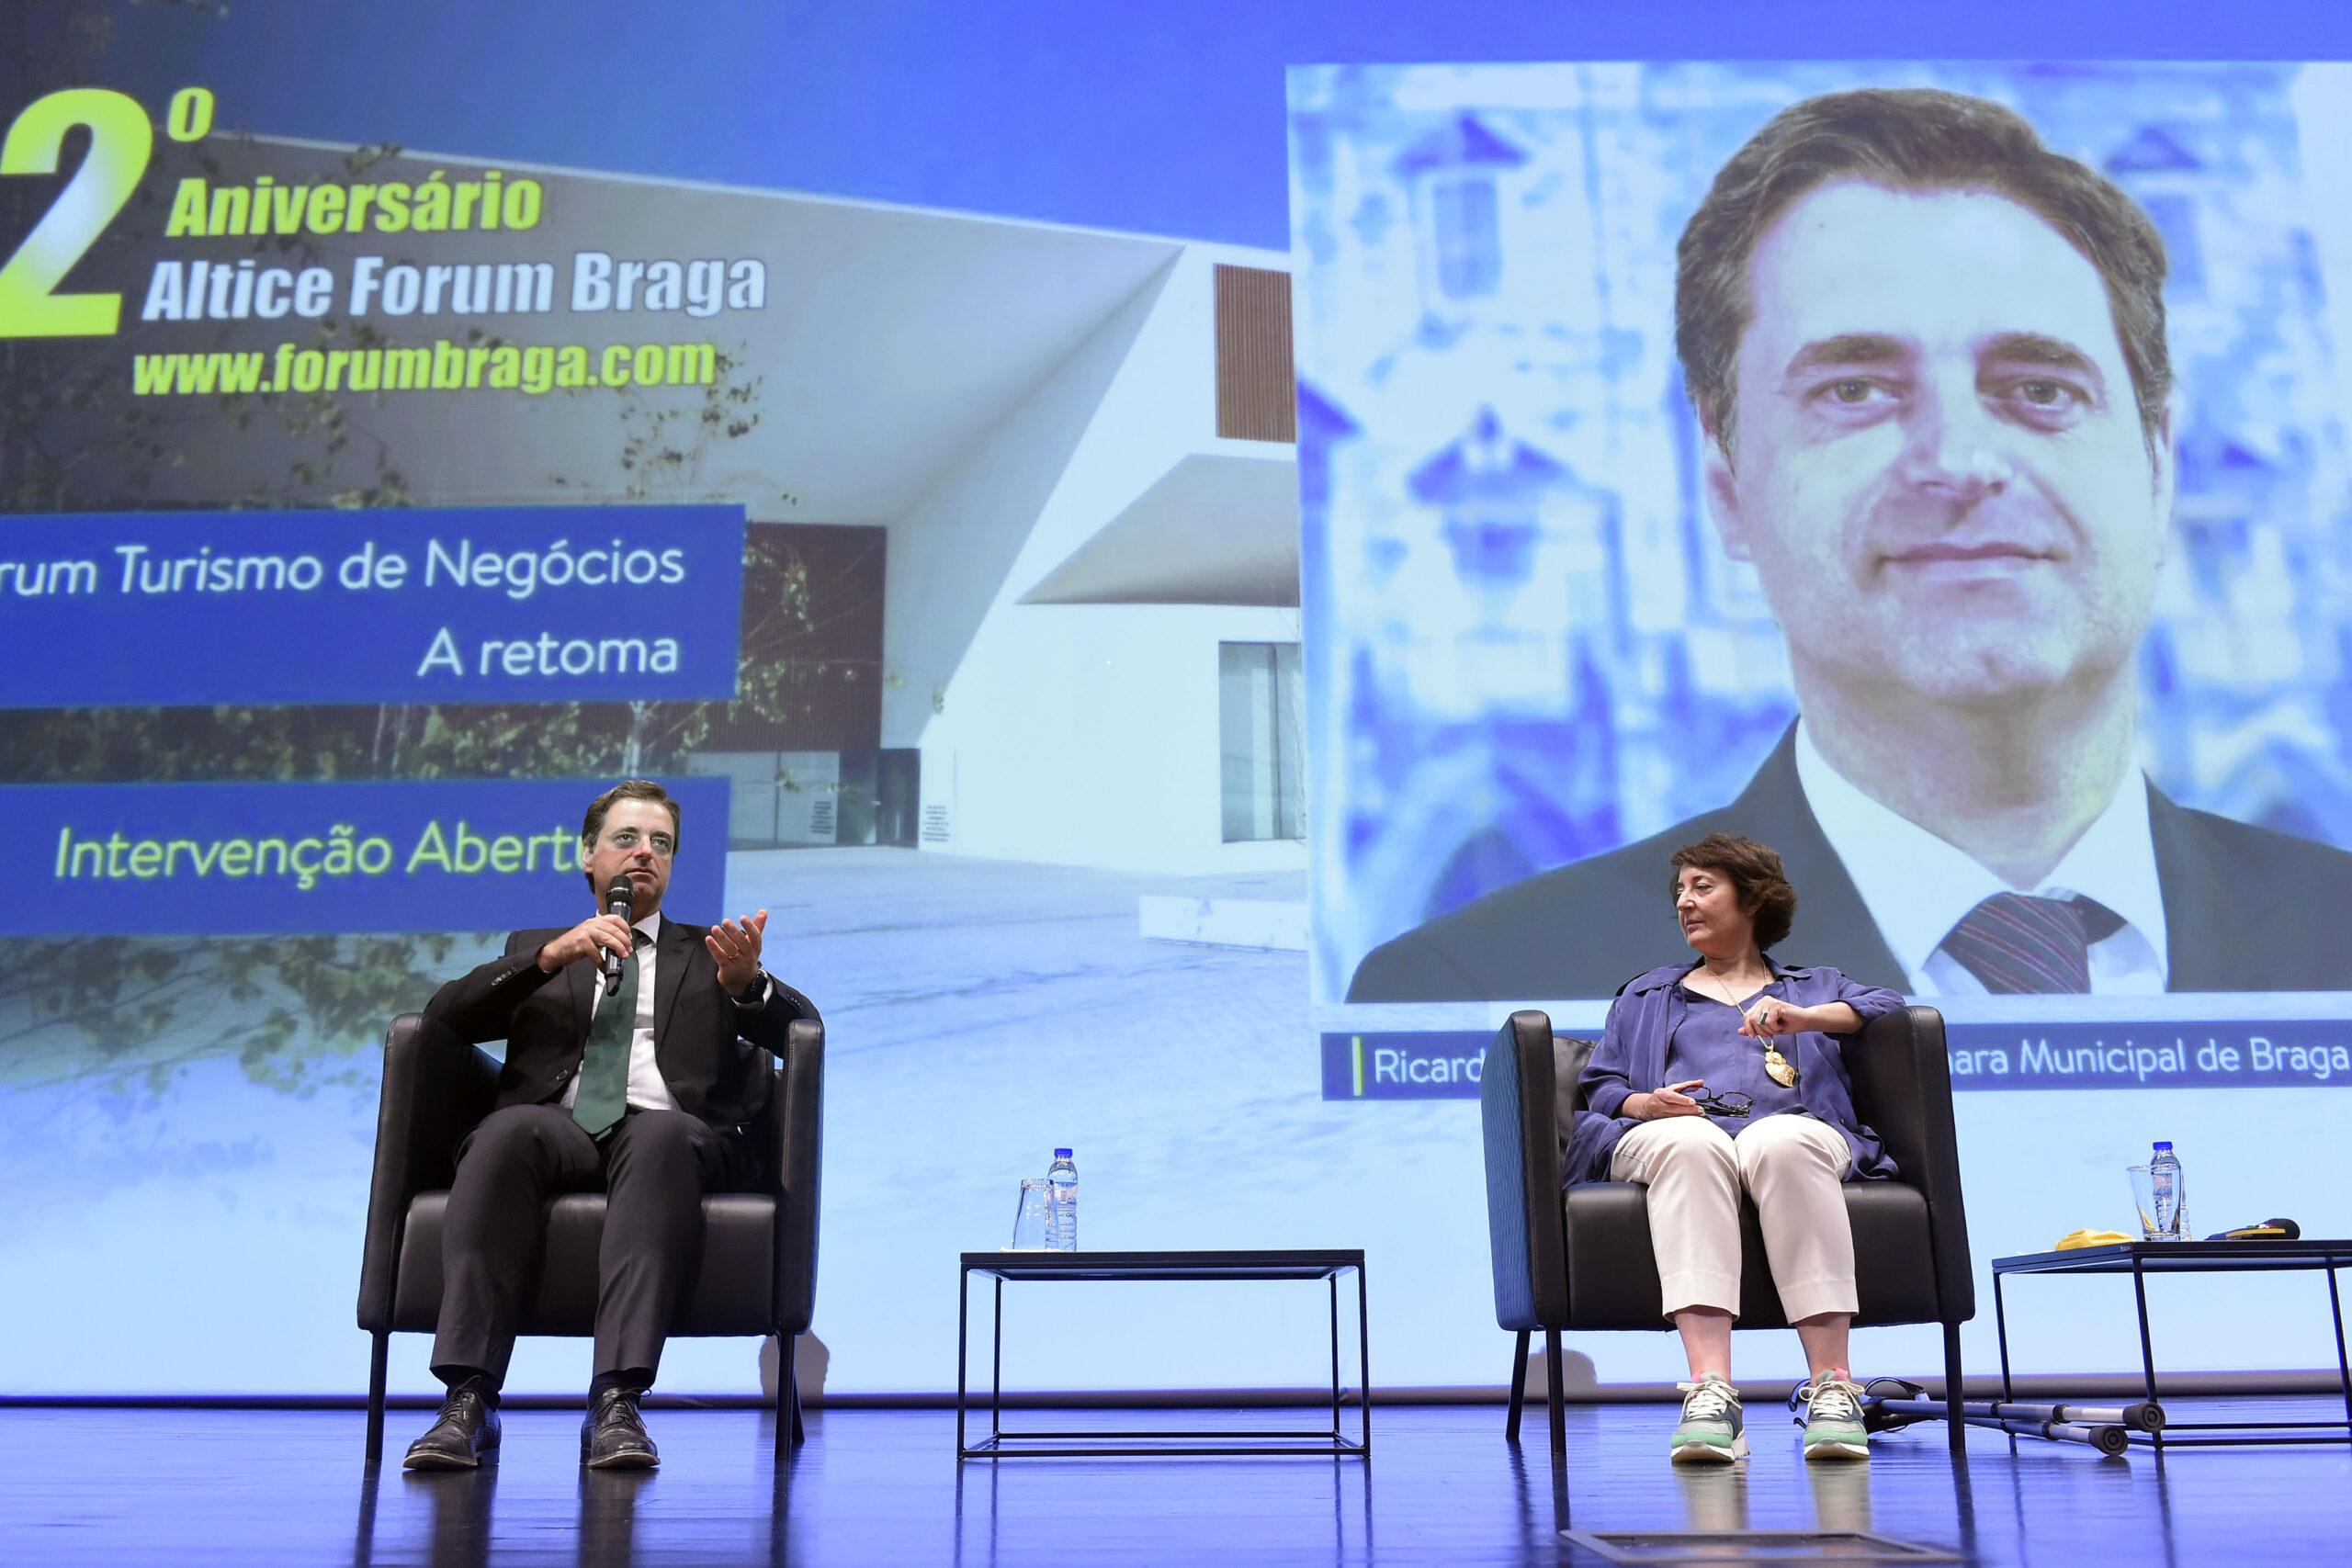 Altice Forum Braga é referencial de inovação e qualidade de padrões internacionais